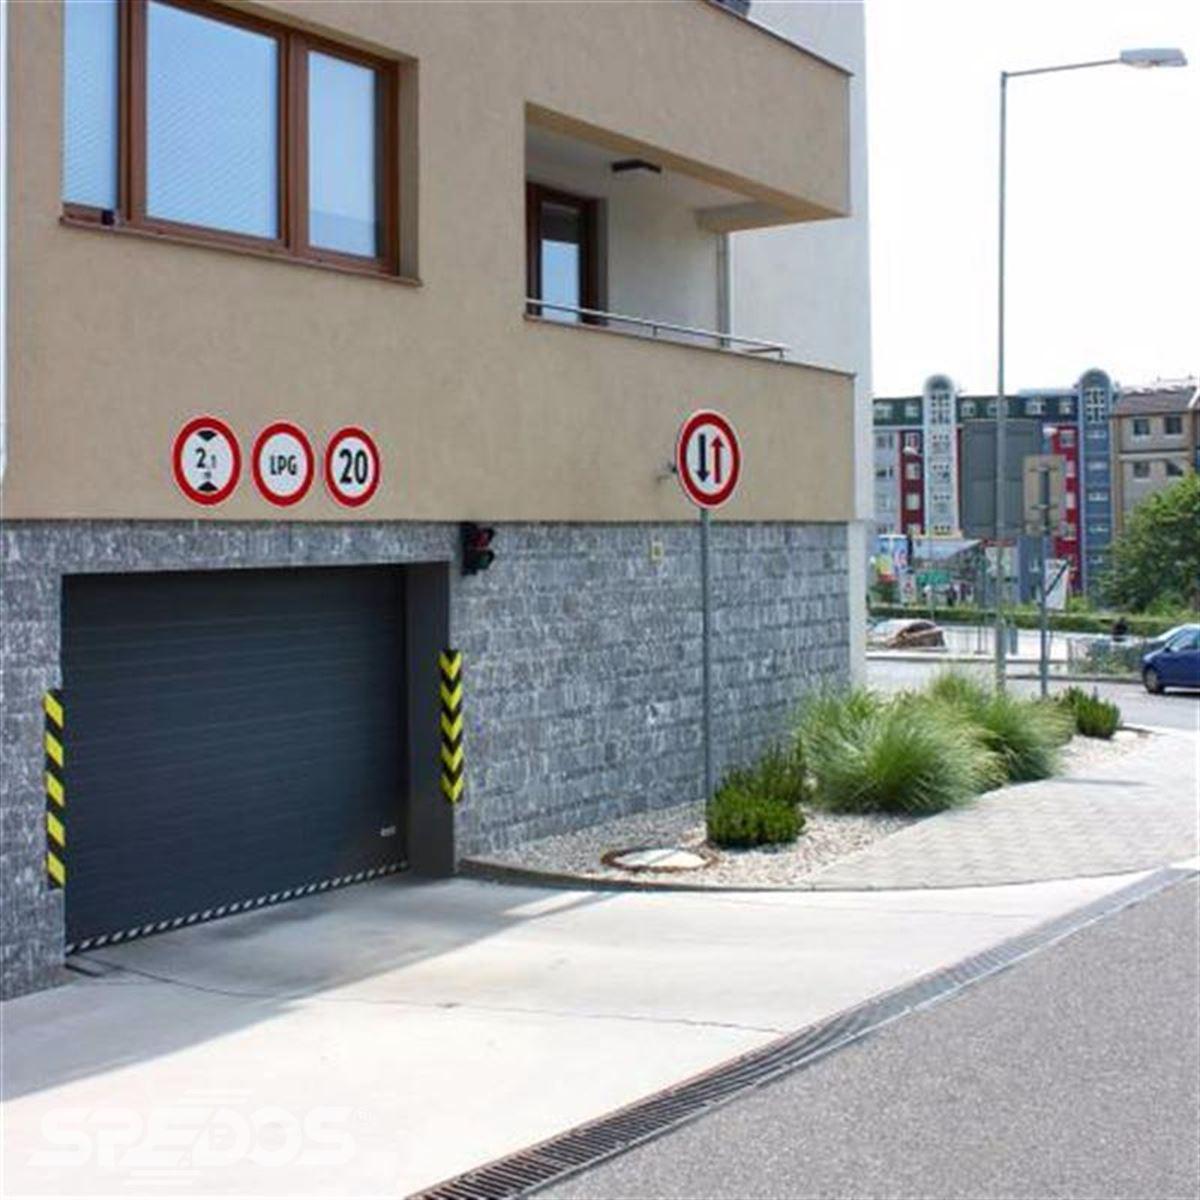 Garážová vrata se semaforovým řízením